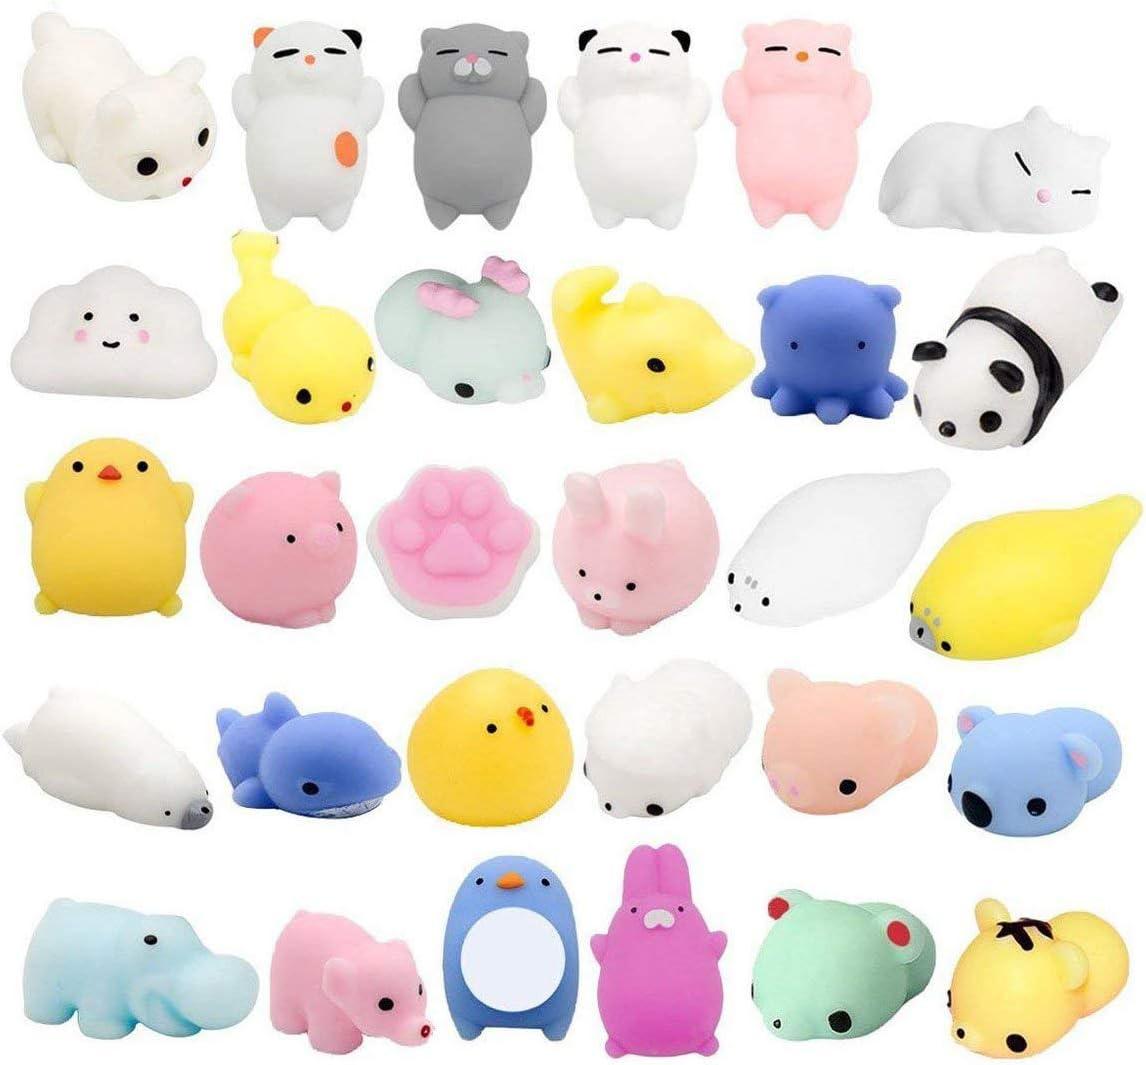 Max 47% OFF Fstop Labs 30PCS Mochi Squishy Stress S Mini Toys Japan Maker New Animal